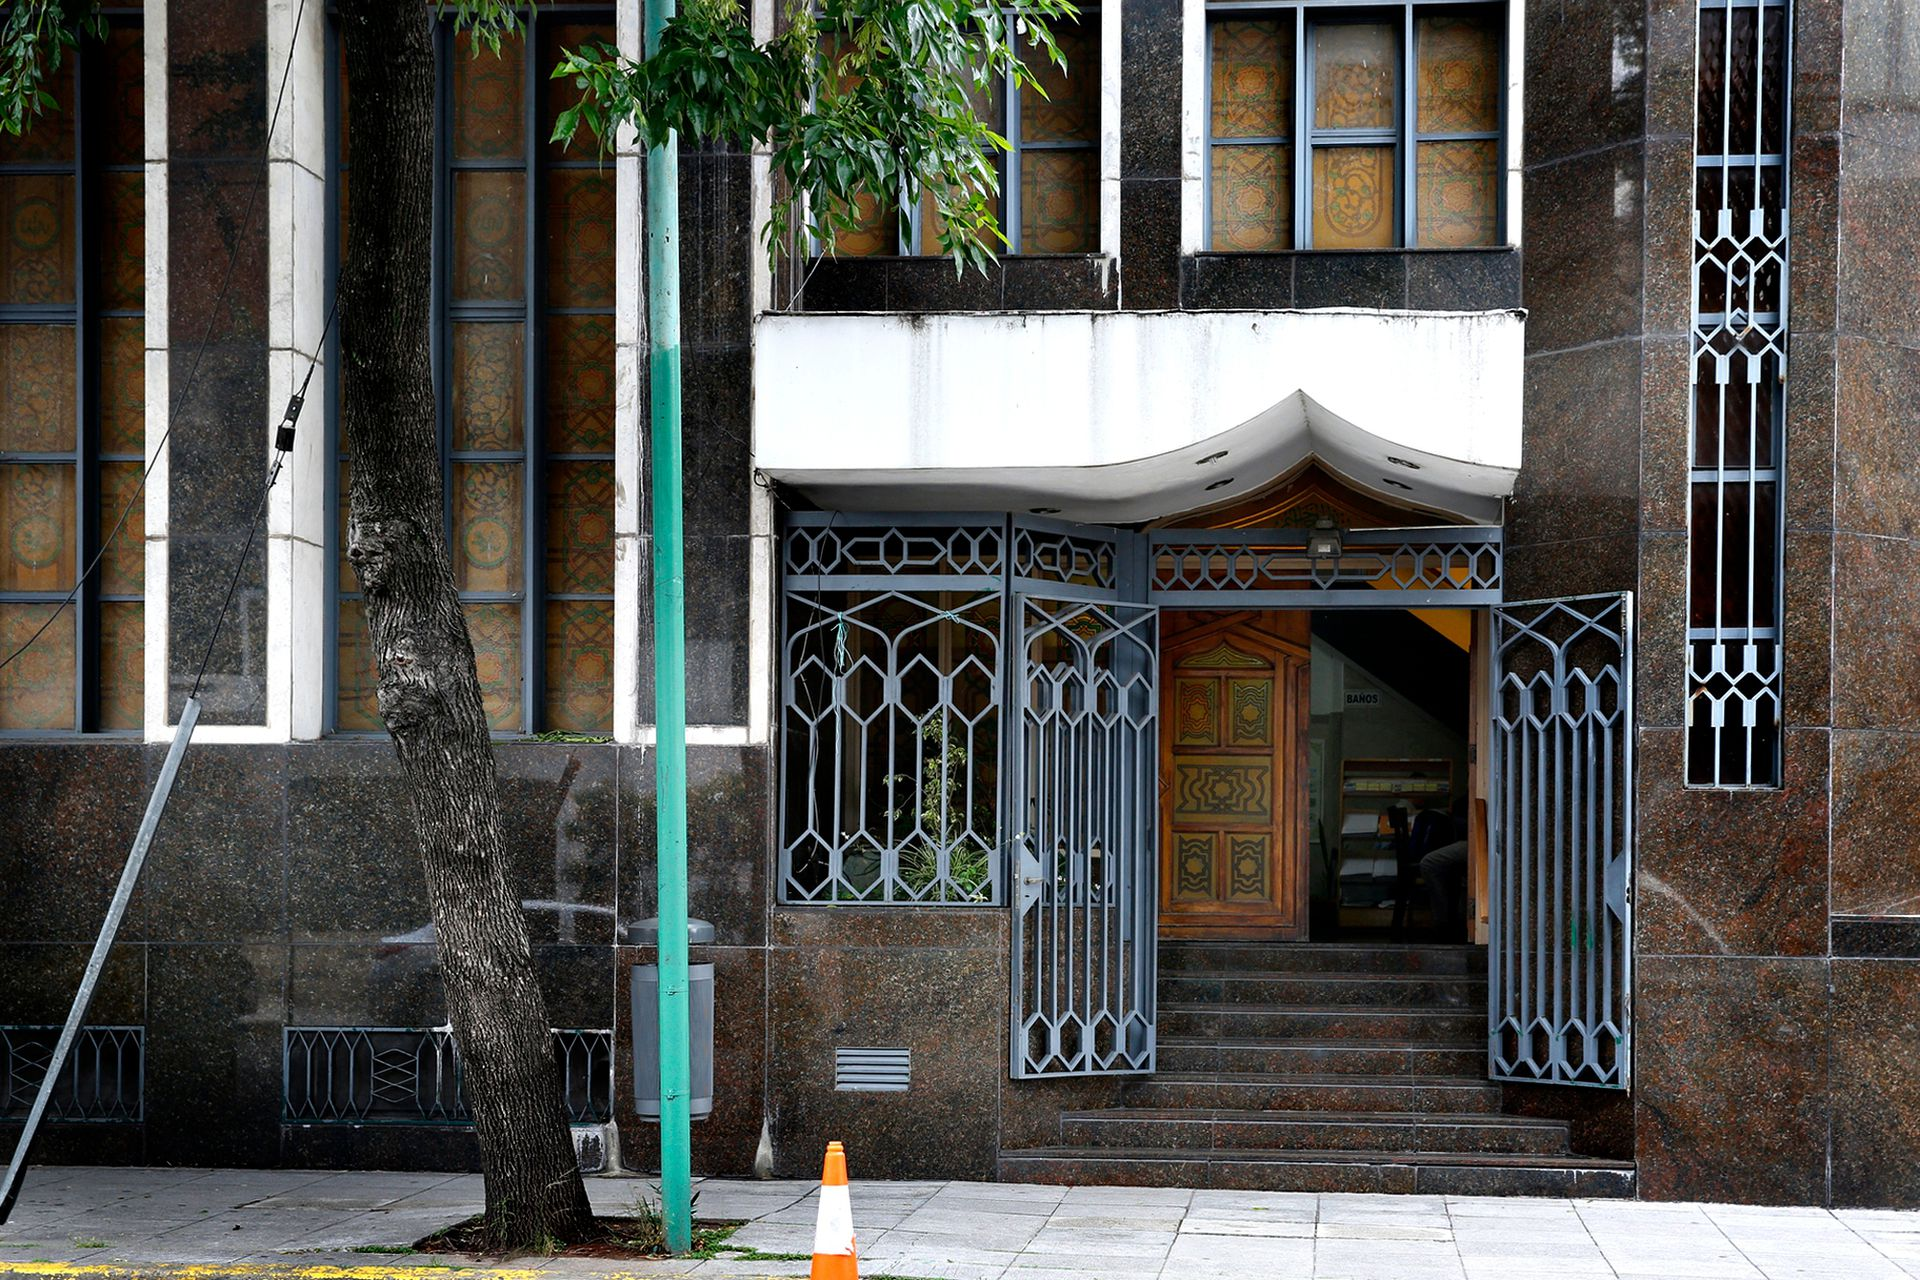 El acceso a la mezquita, en la calle Alberti 1541